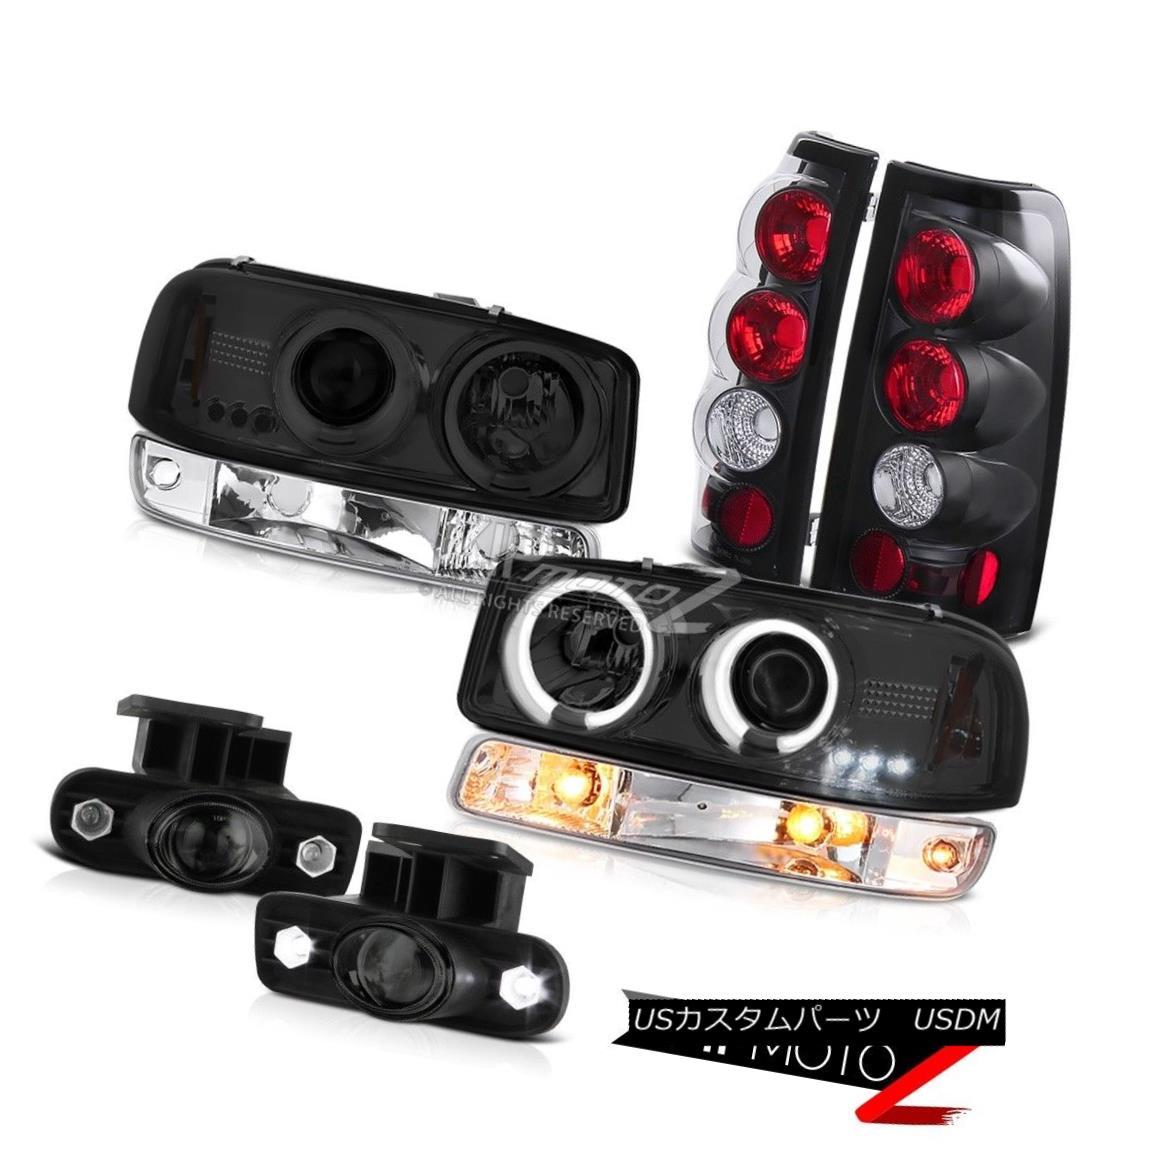 ヘッドライト 99-02 Sierra 4.3L Foglights rear brake lights parking lamp ccfl headlights LED 99-02シエラ4.3LフォグライトリアブレーキライトパーキングランプccflヘッドライトLED